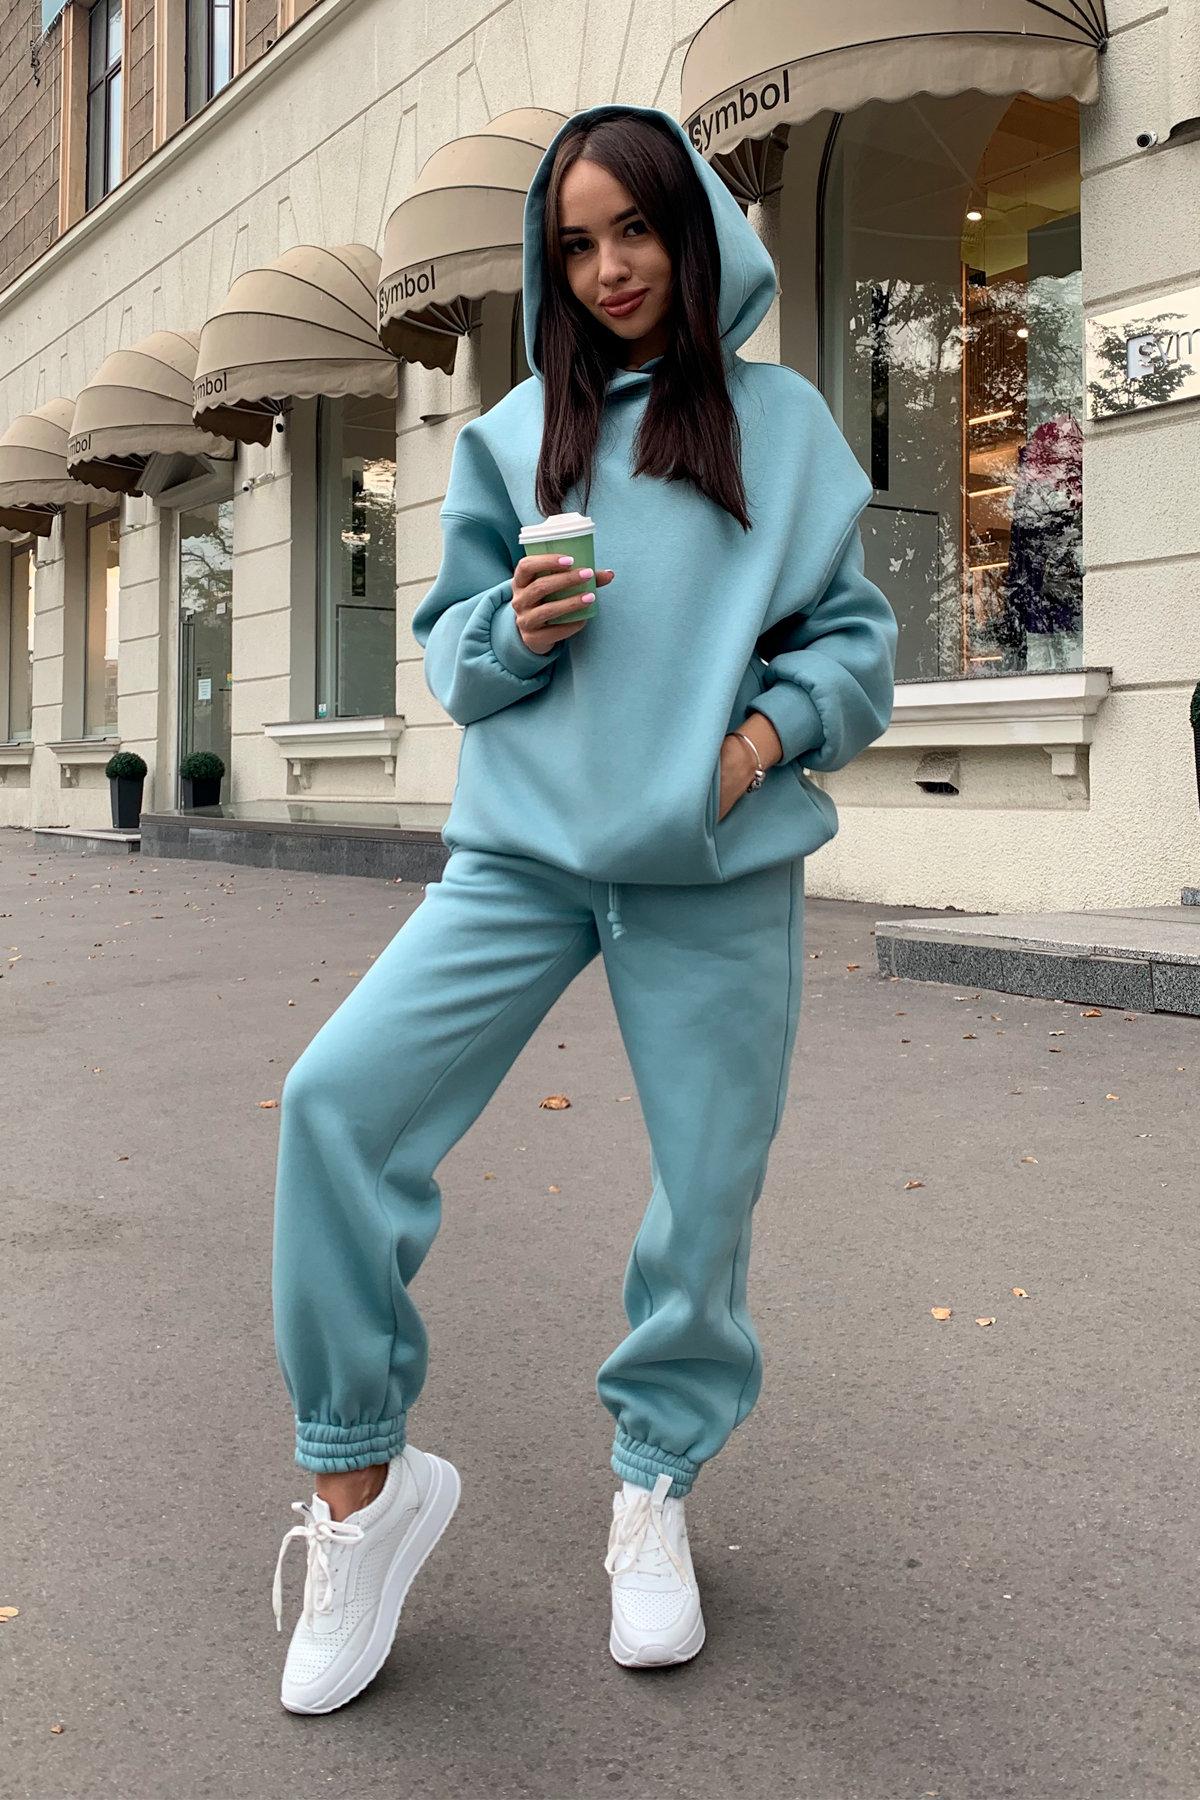 Марион костюм в  стиле Oversize  3х нитка 9651 АРТ. 45983 Цвет: Олива - фото 3, интернет магазин tm-modus.ru